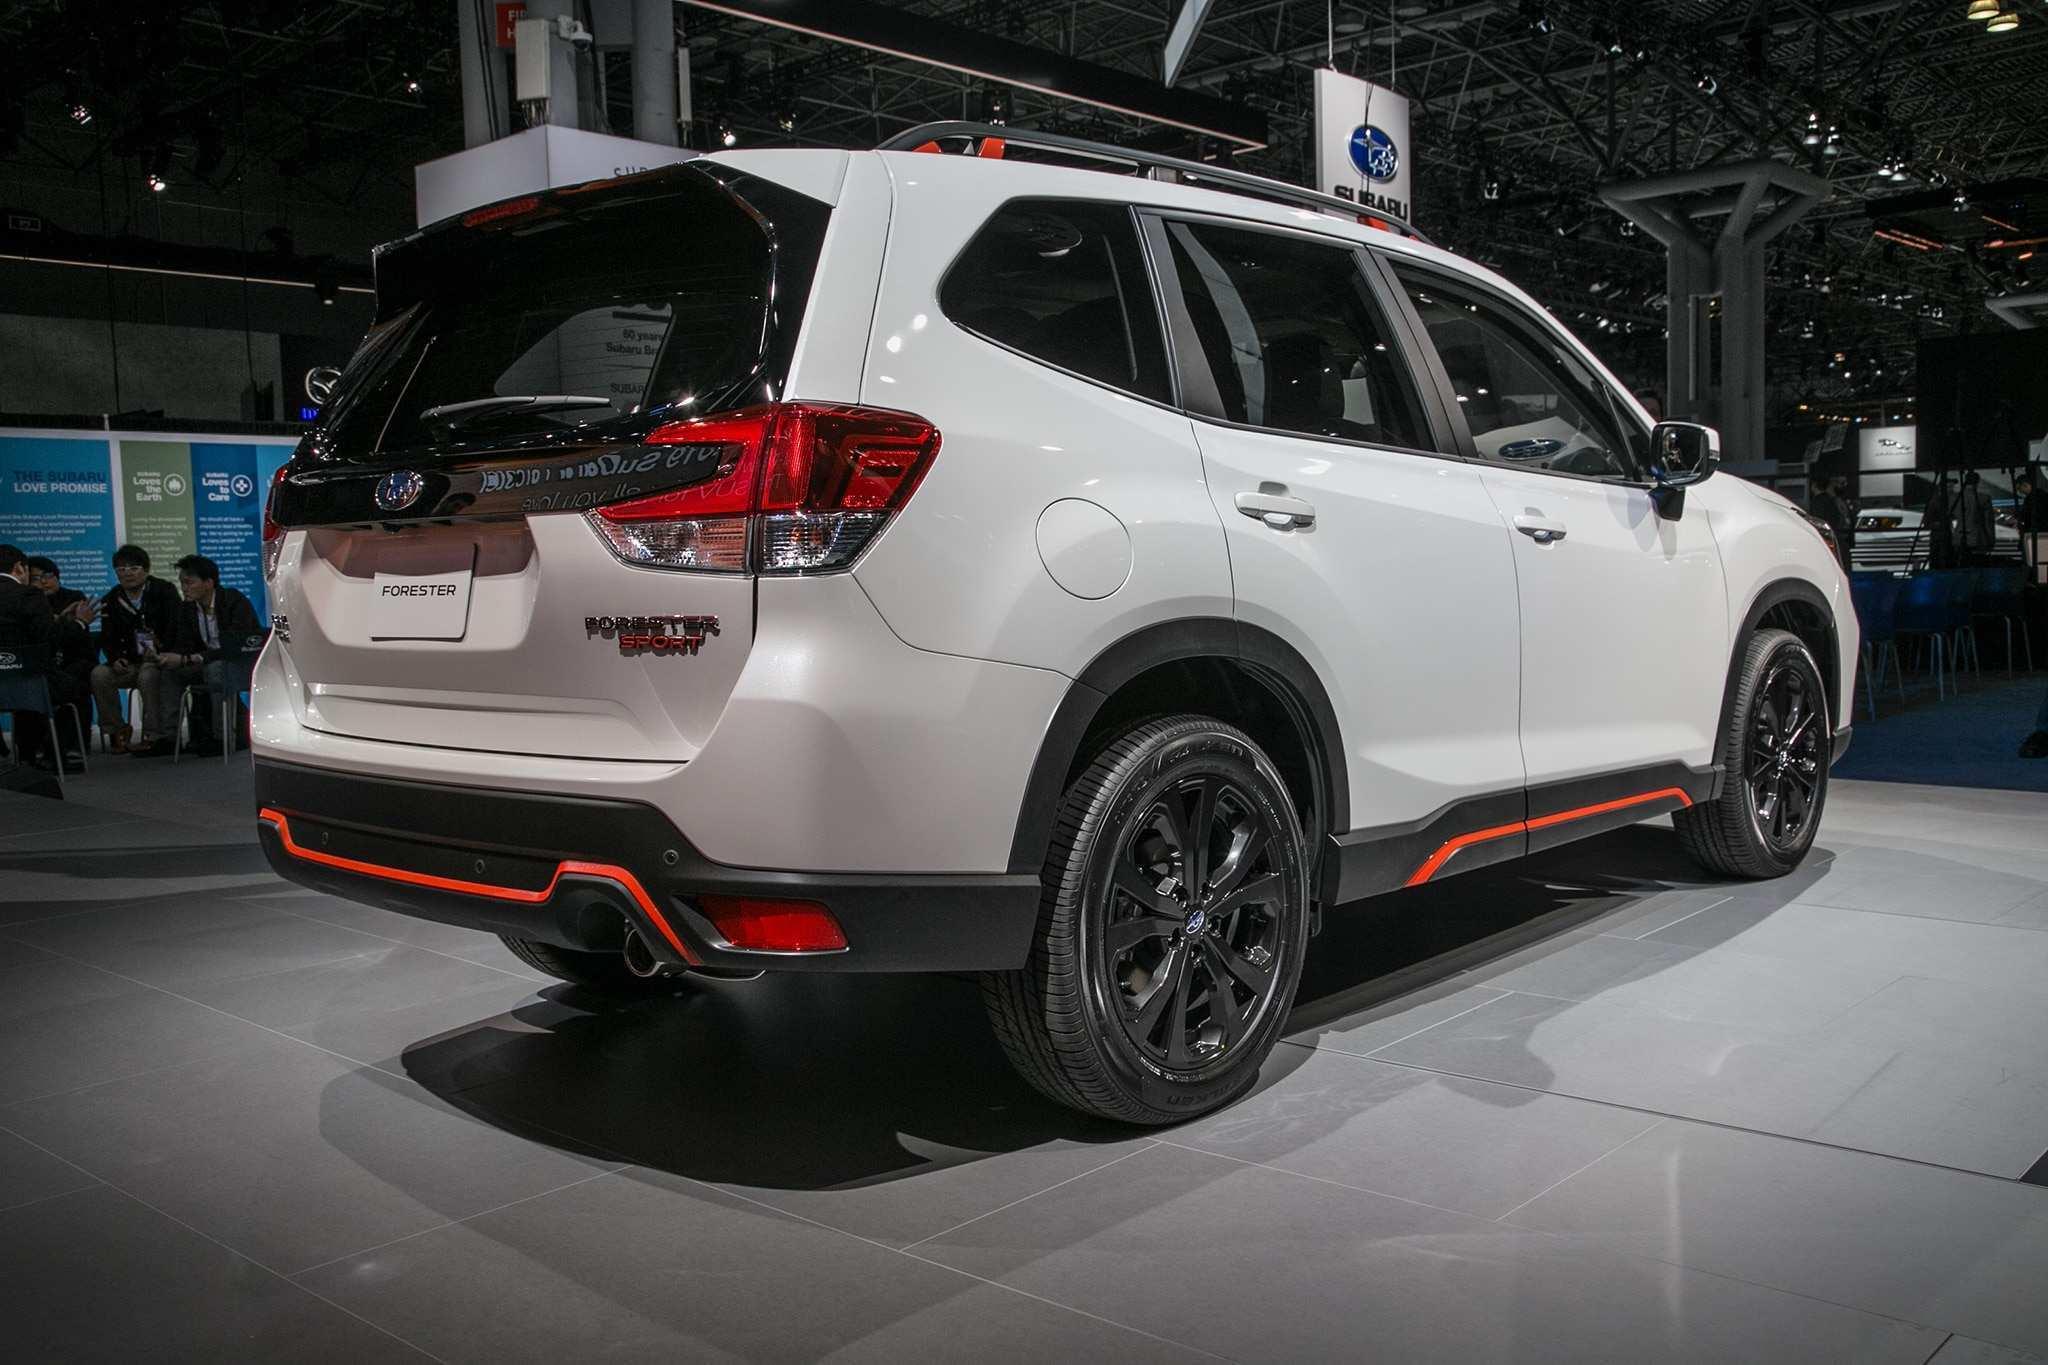 61 Great Subaru Sport 2019 Images for Subaru Sport 2019